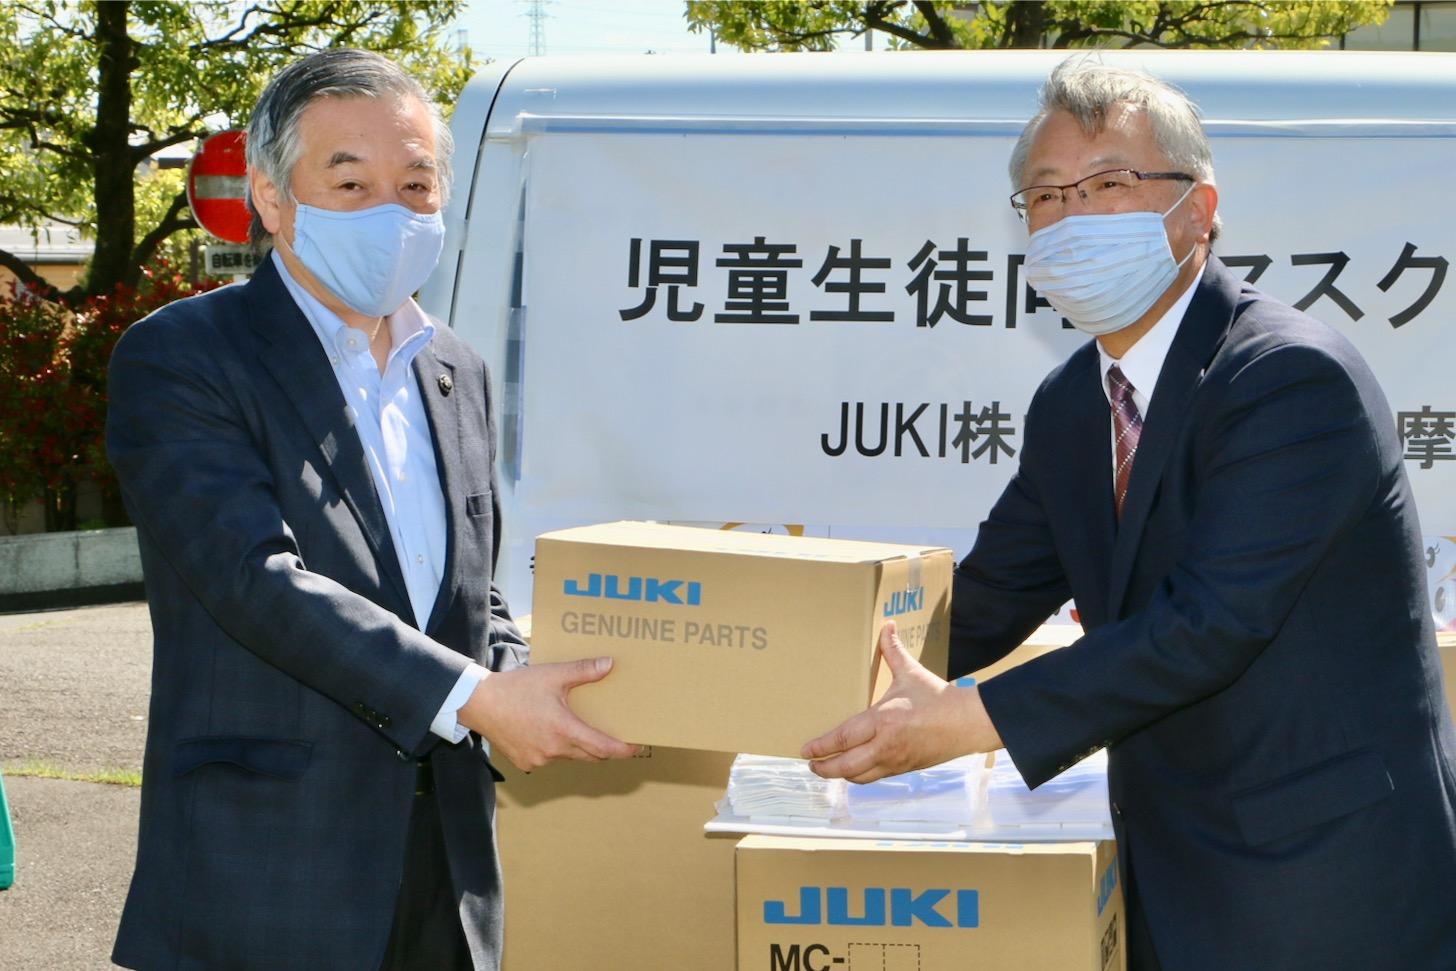 (左から)阿部裕行 多摩市長とJUKI株式会社 代表取締役社長の清原 晃さん